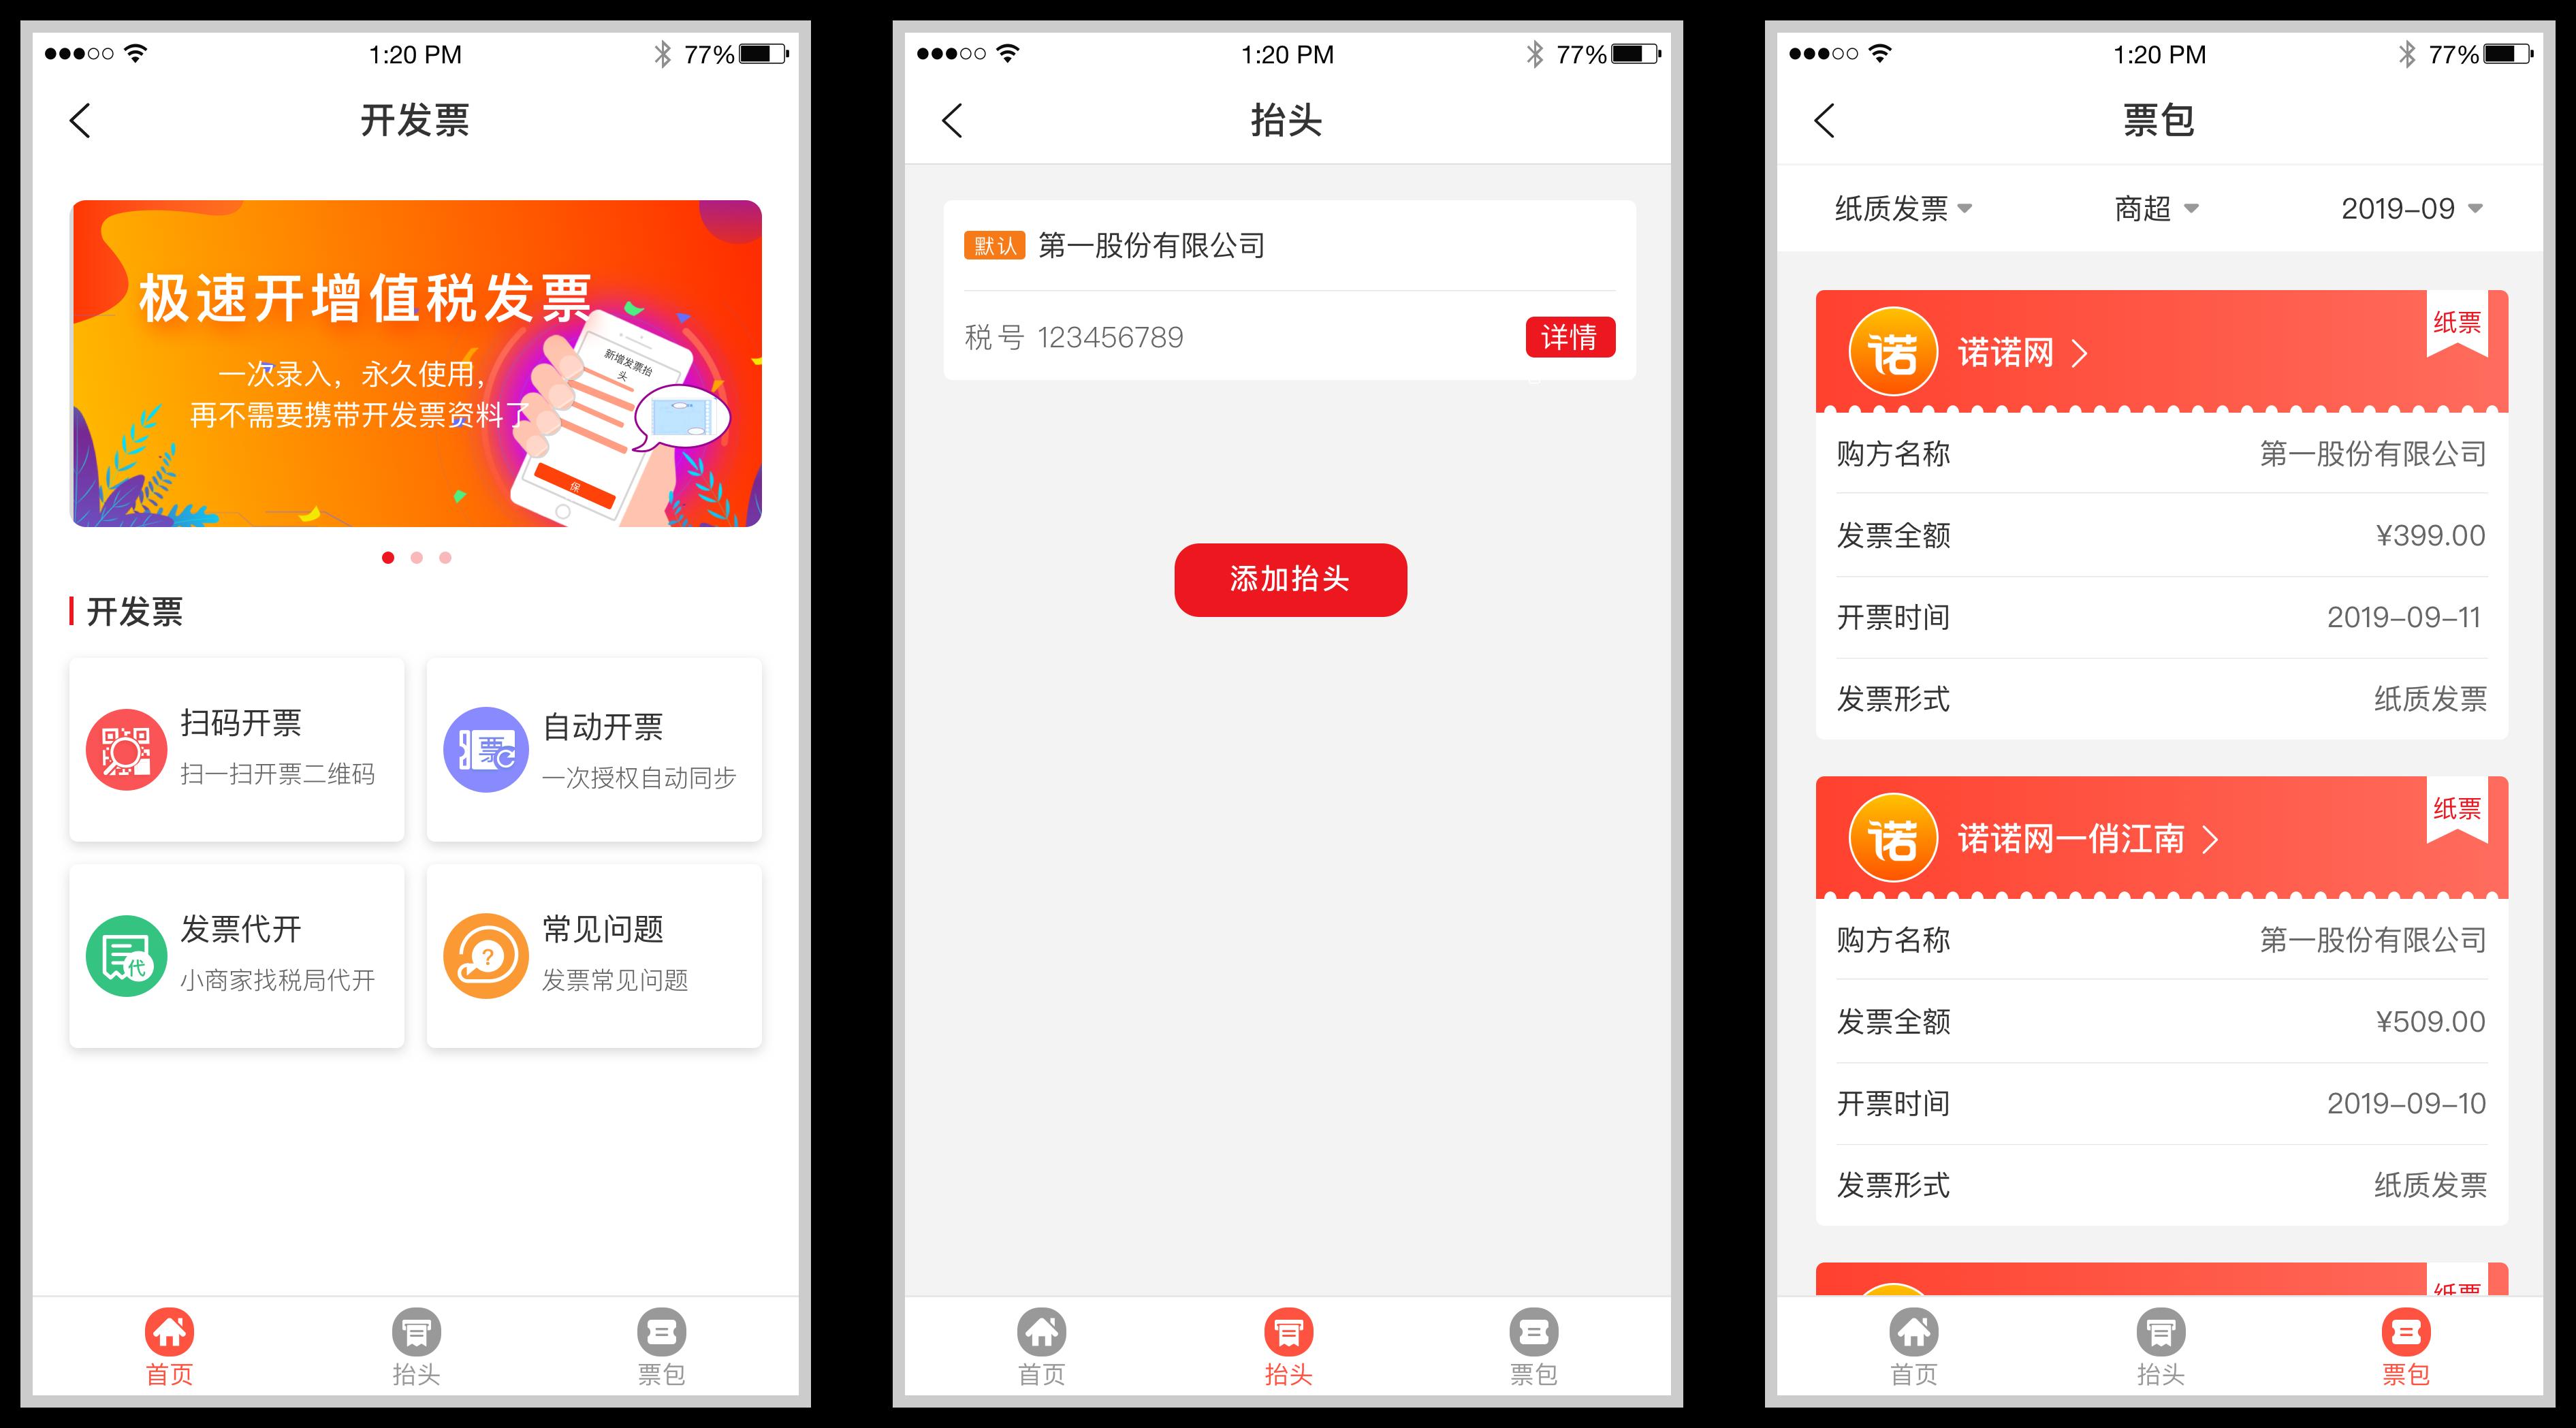 云闪付App用户达2.5亿 支持1500万商户无接触式开票